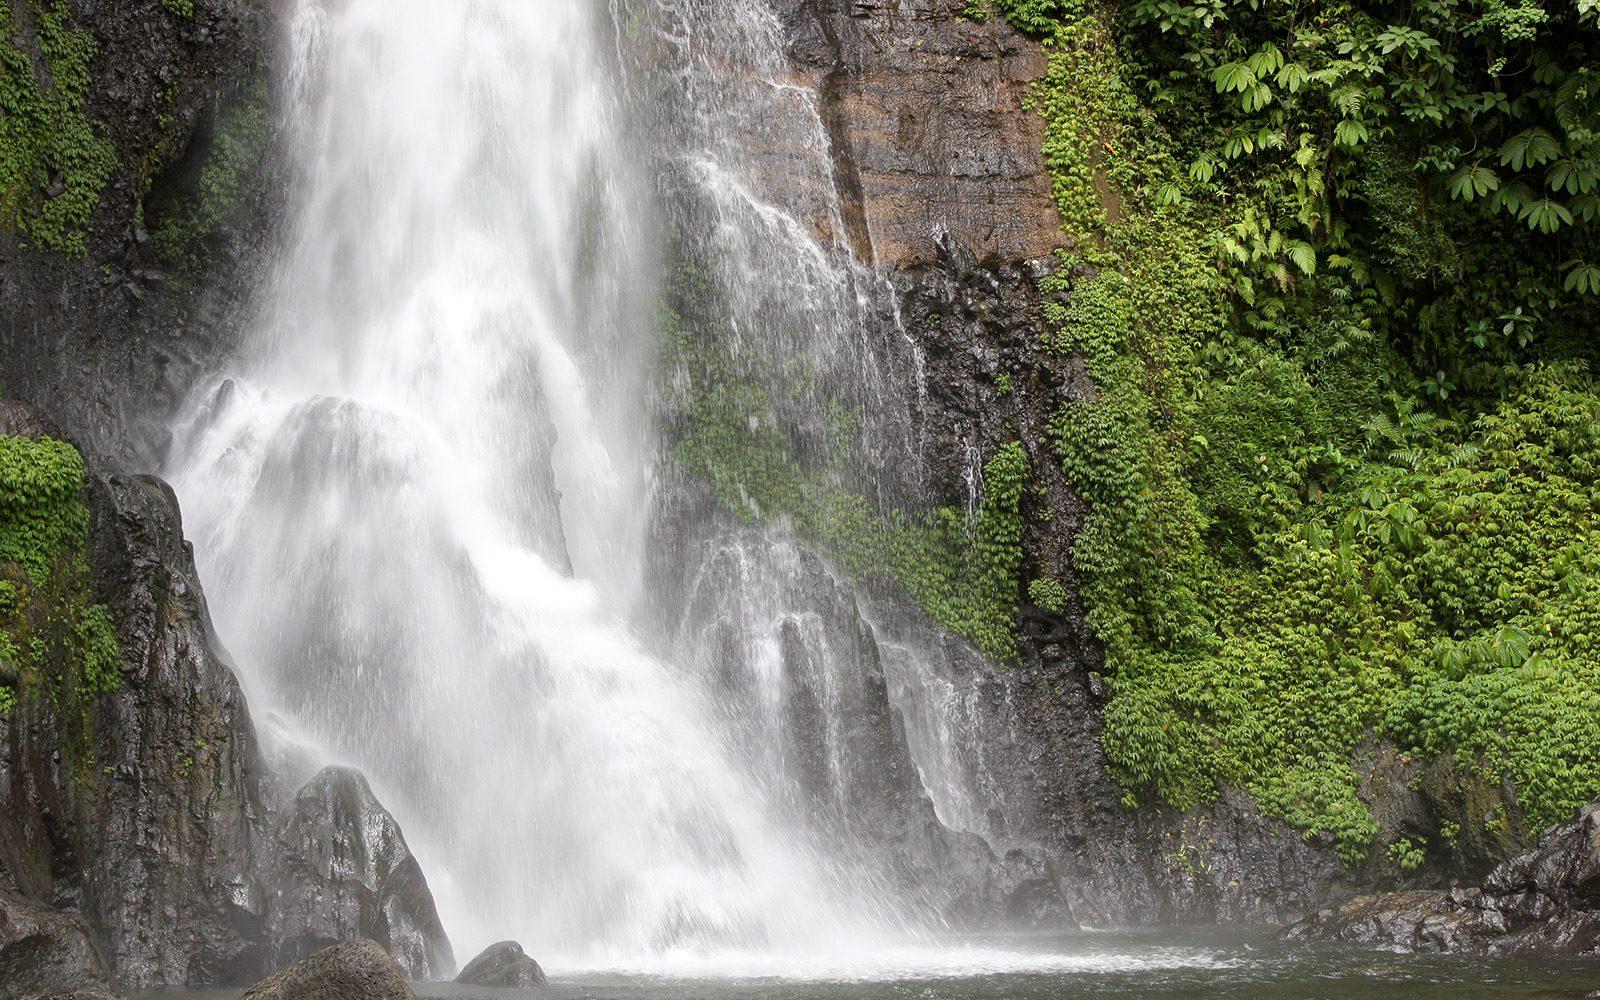 Фото падающей воды